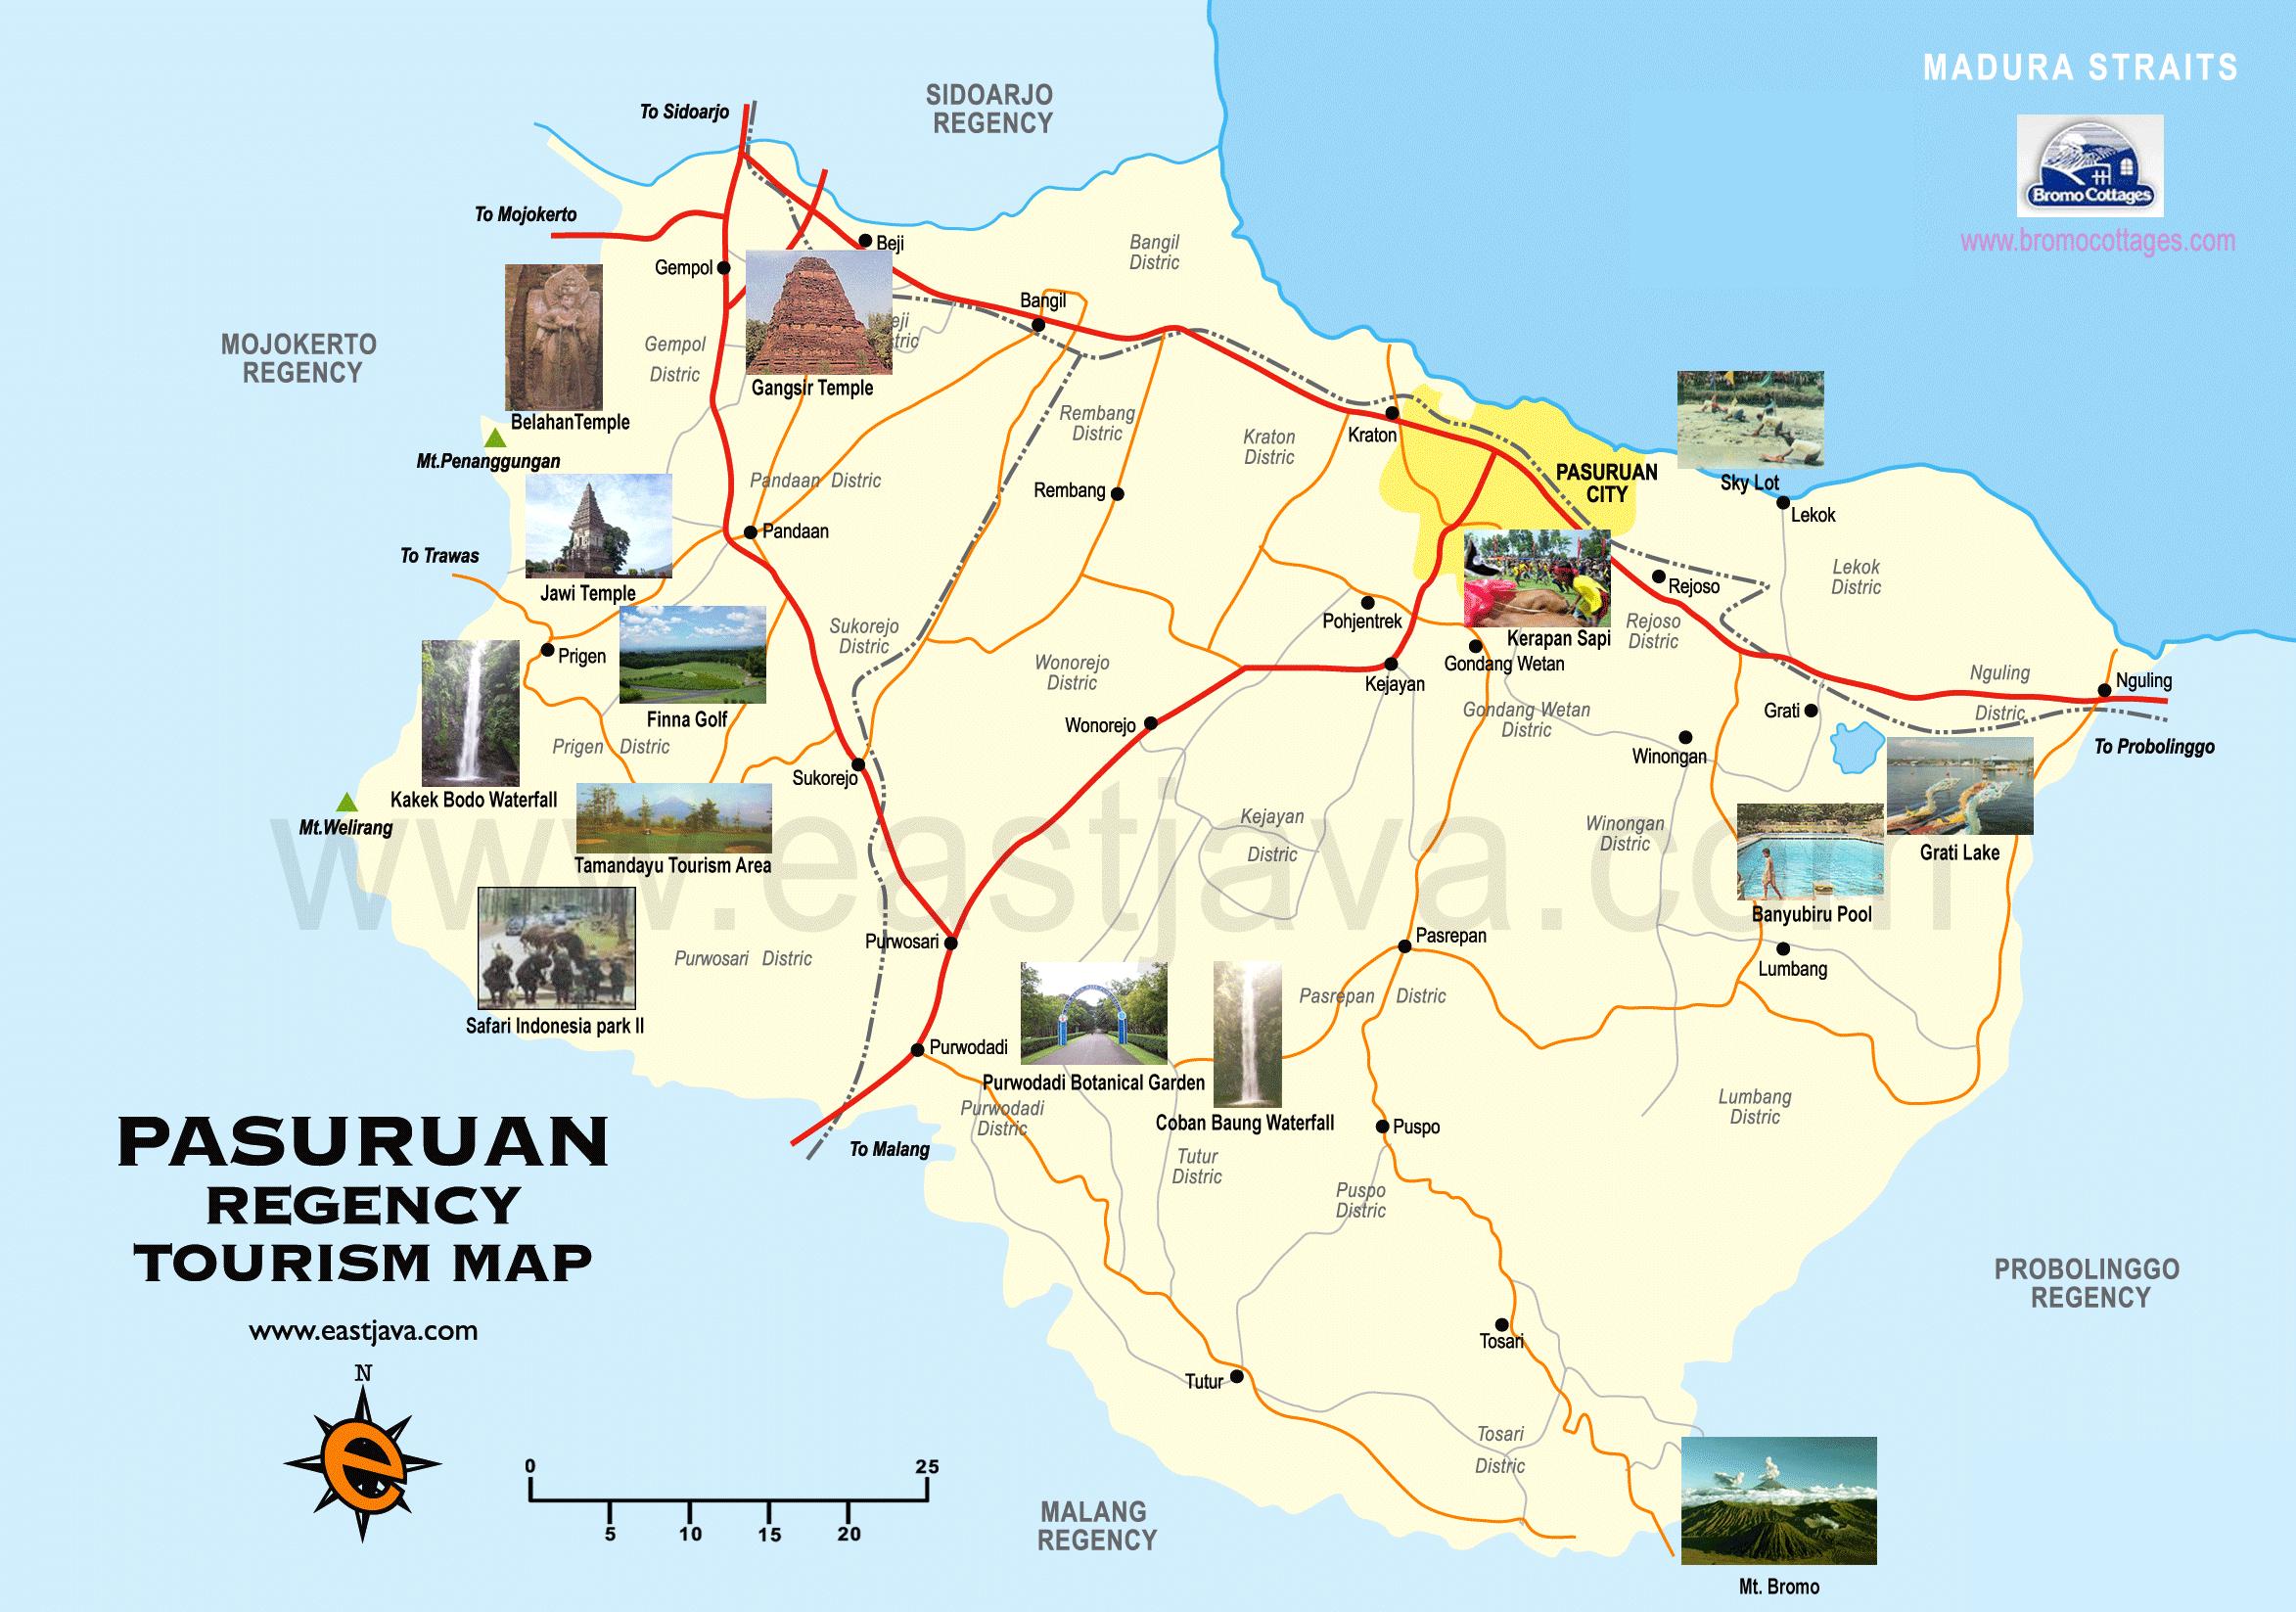 Peta Kabupaten Kota Pasuruan Meliputi Wisata Taman Safari Indonesia 2